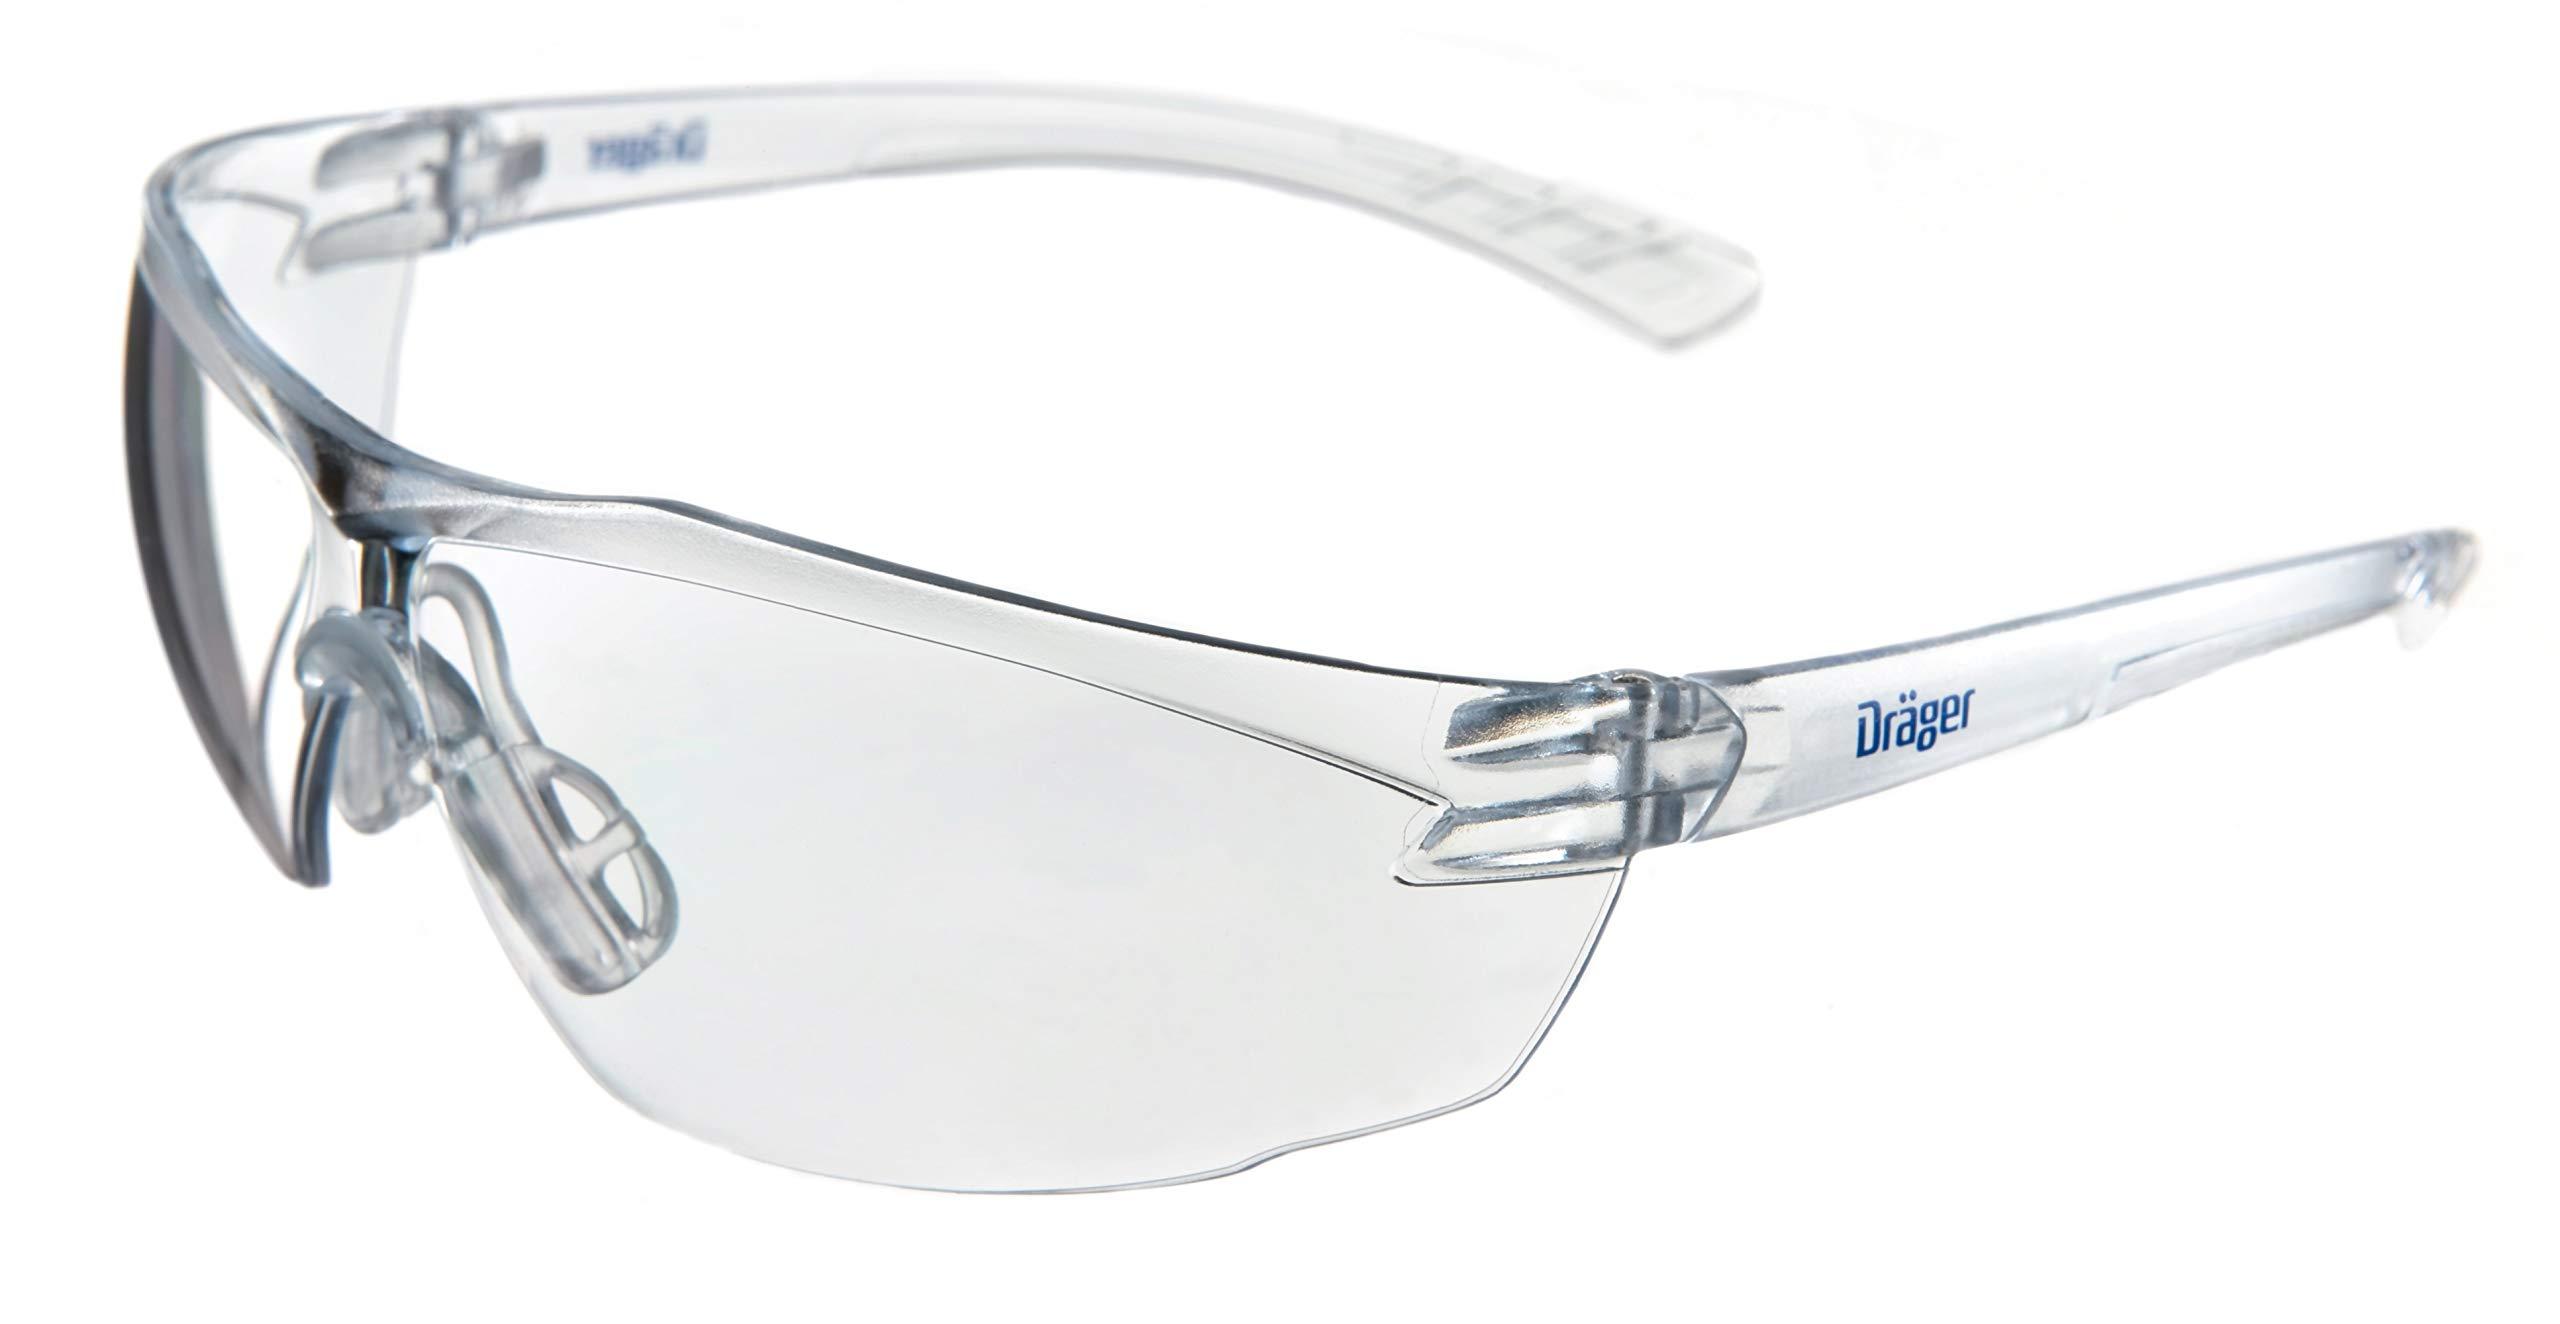 Dräger X-pect 8320 - Gafas de seguridad | Lentes de protección rayos UV antivaho